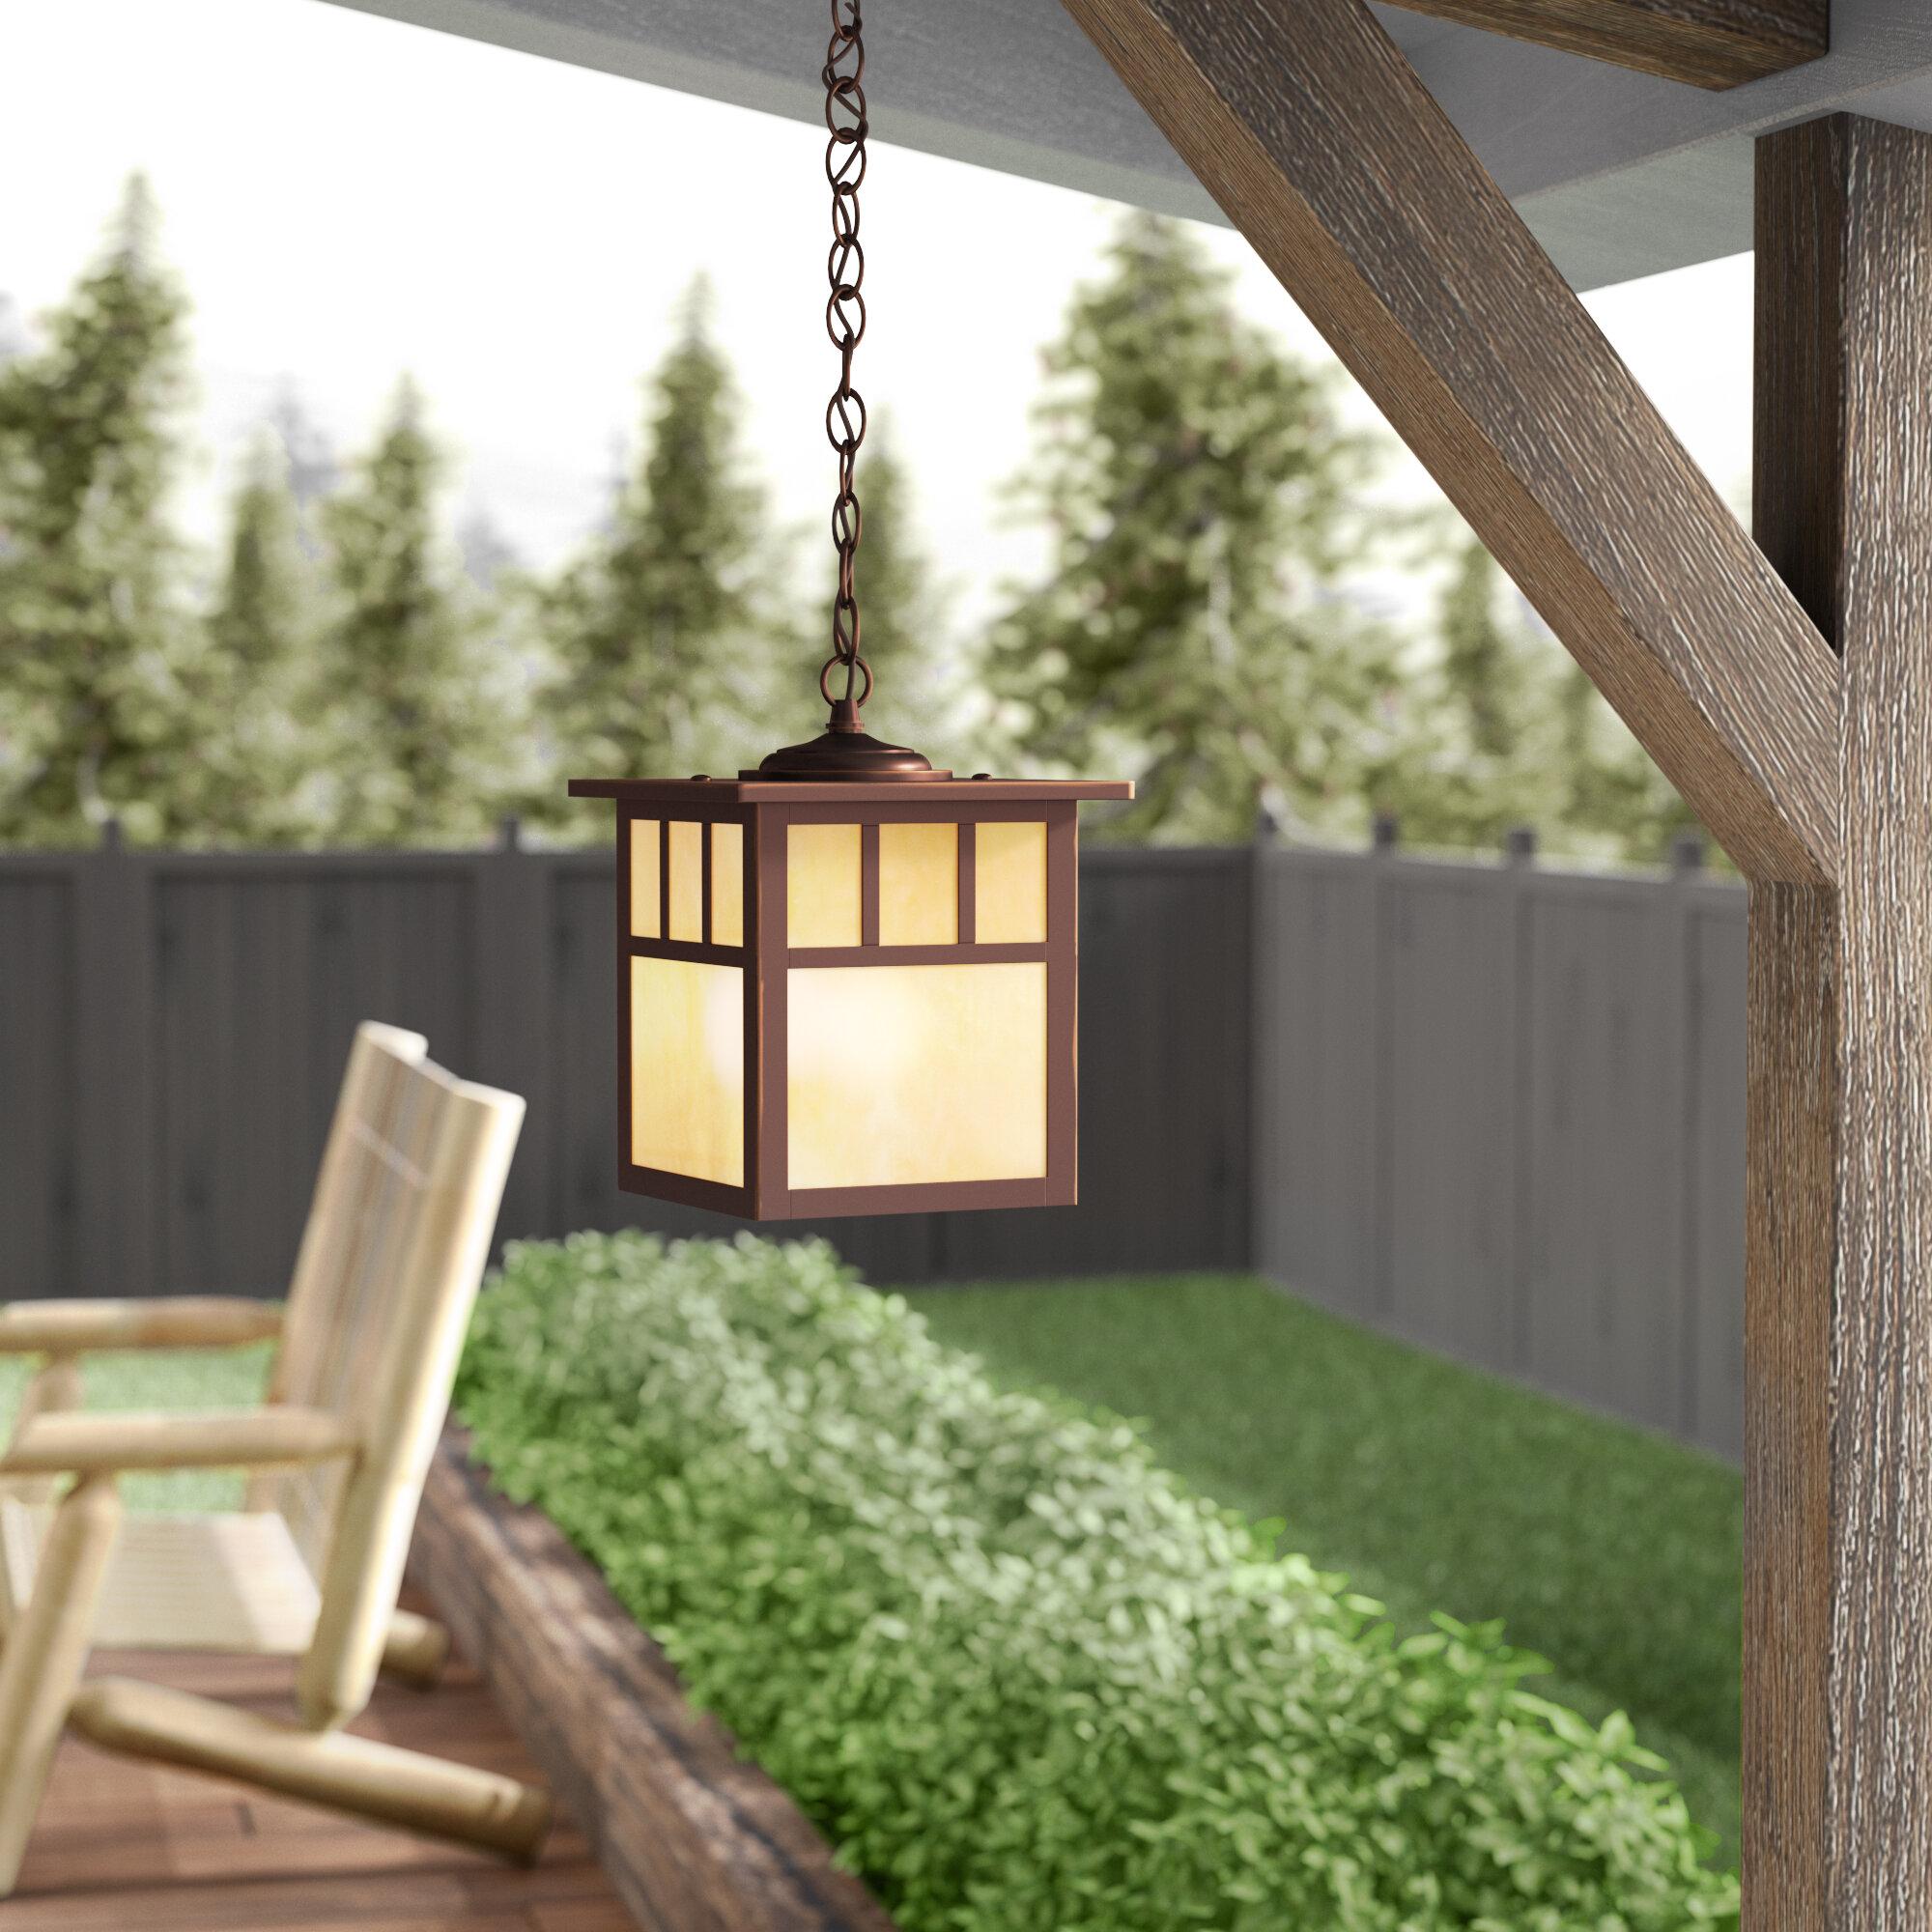 Loon Peak Joelle 1 Bulb Outdoor Hanging Lantern Reviews Wayfair